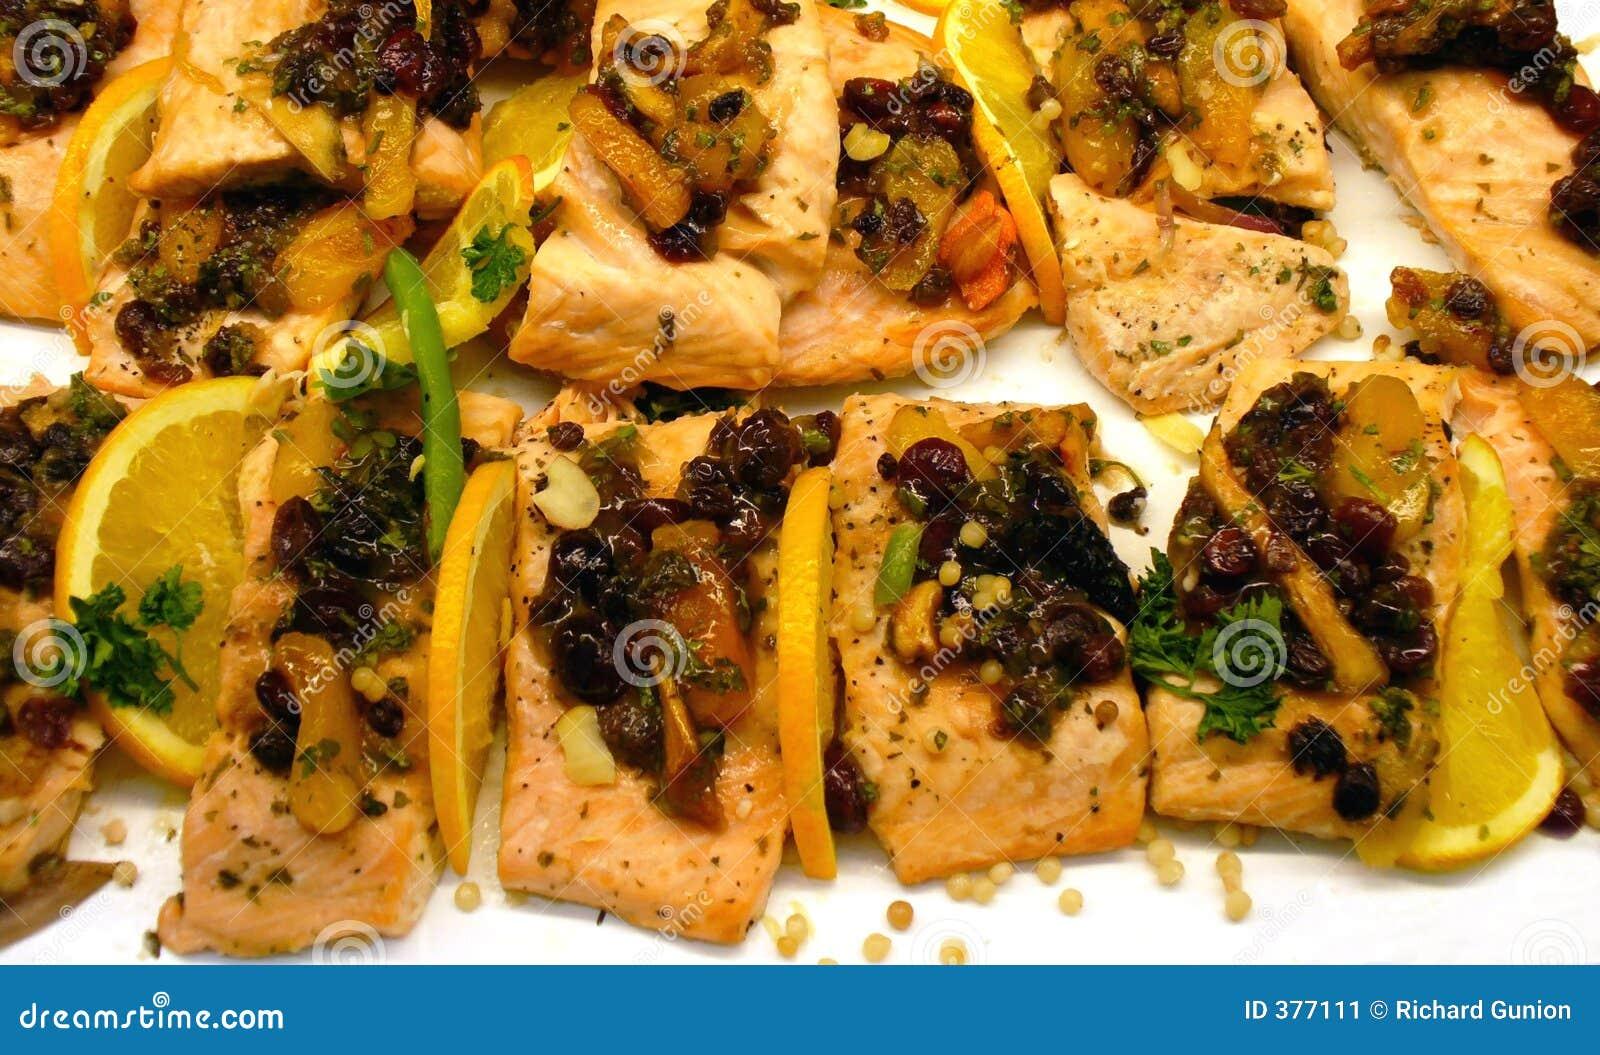 Saumons grillés par raisin sec